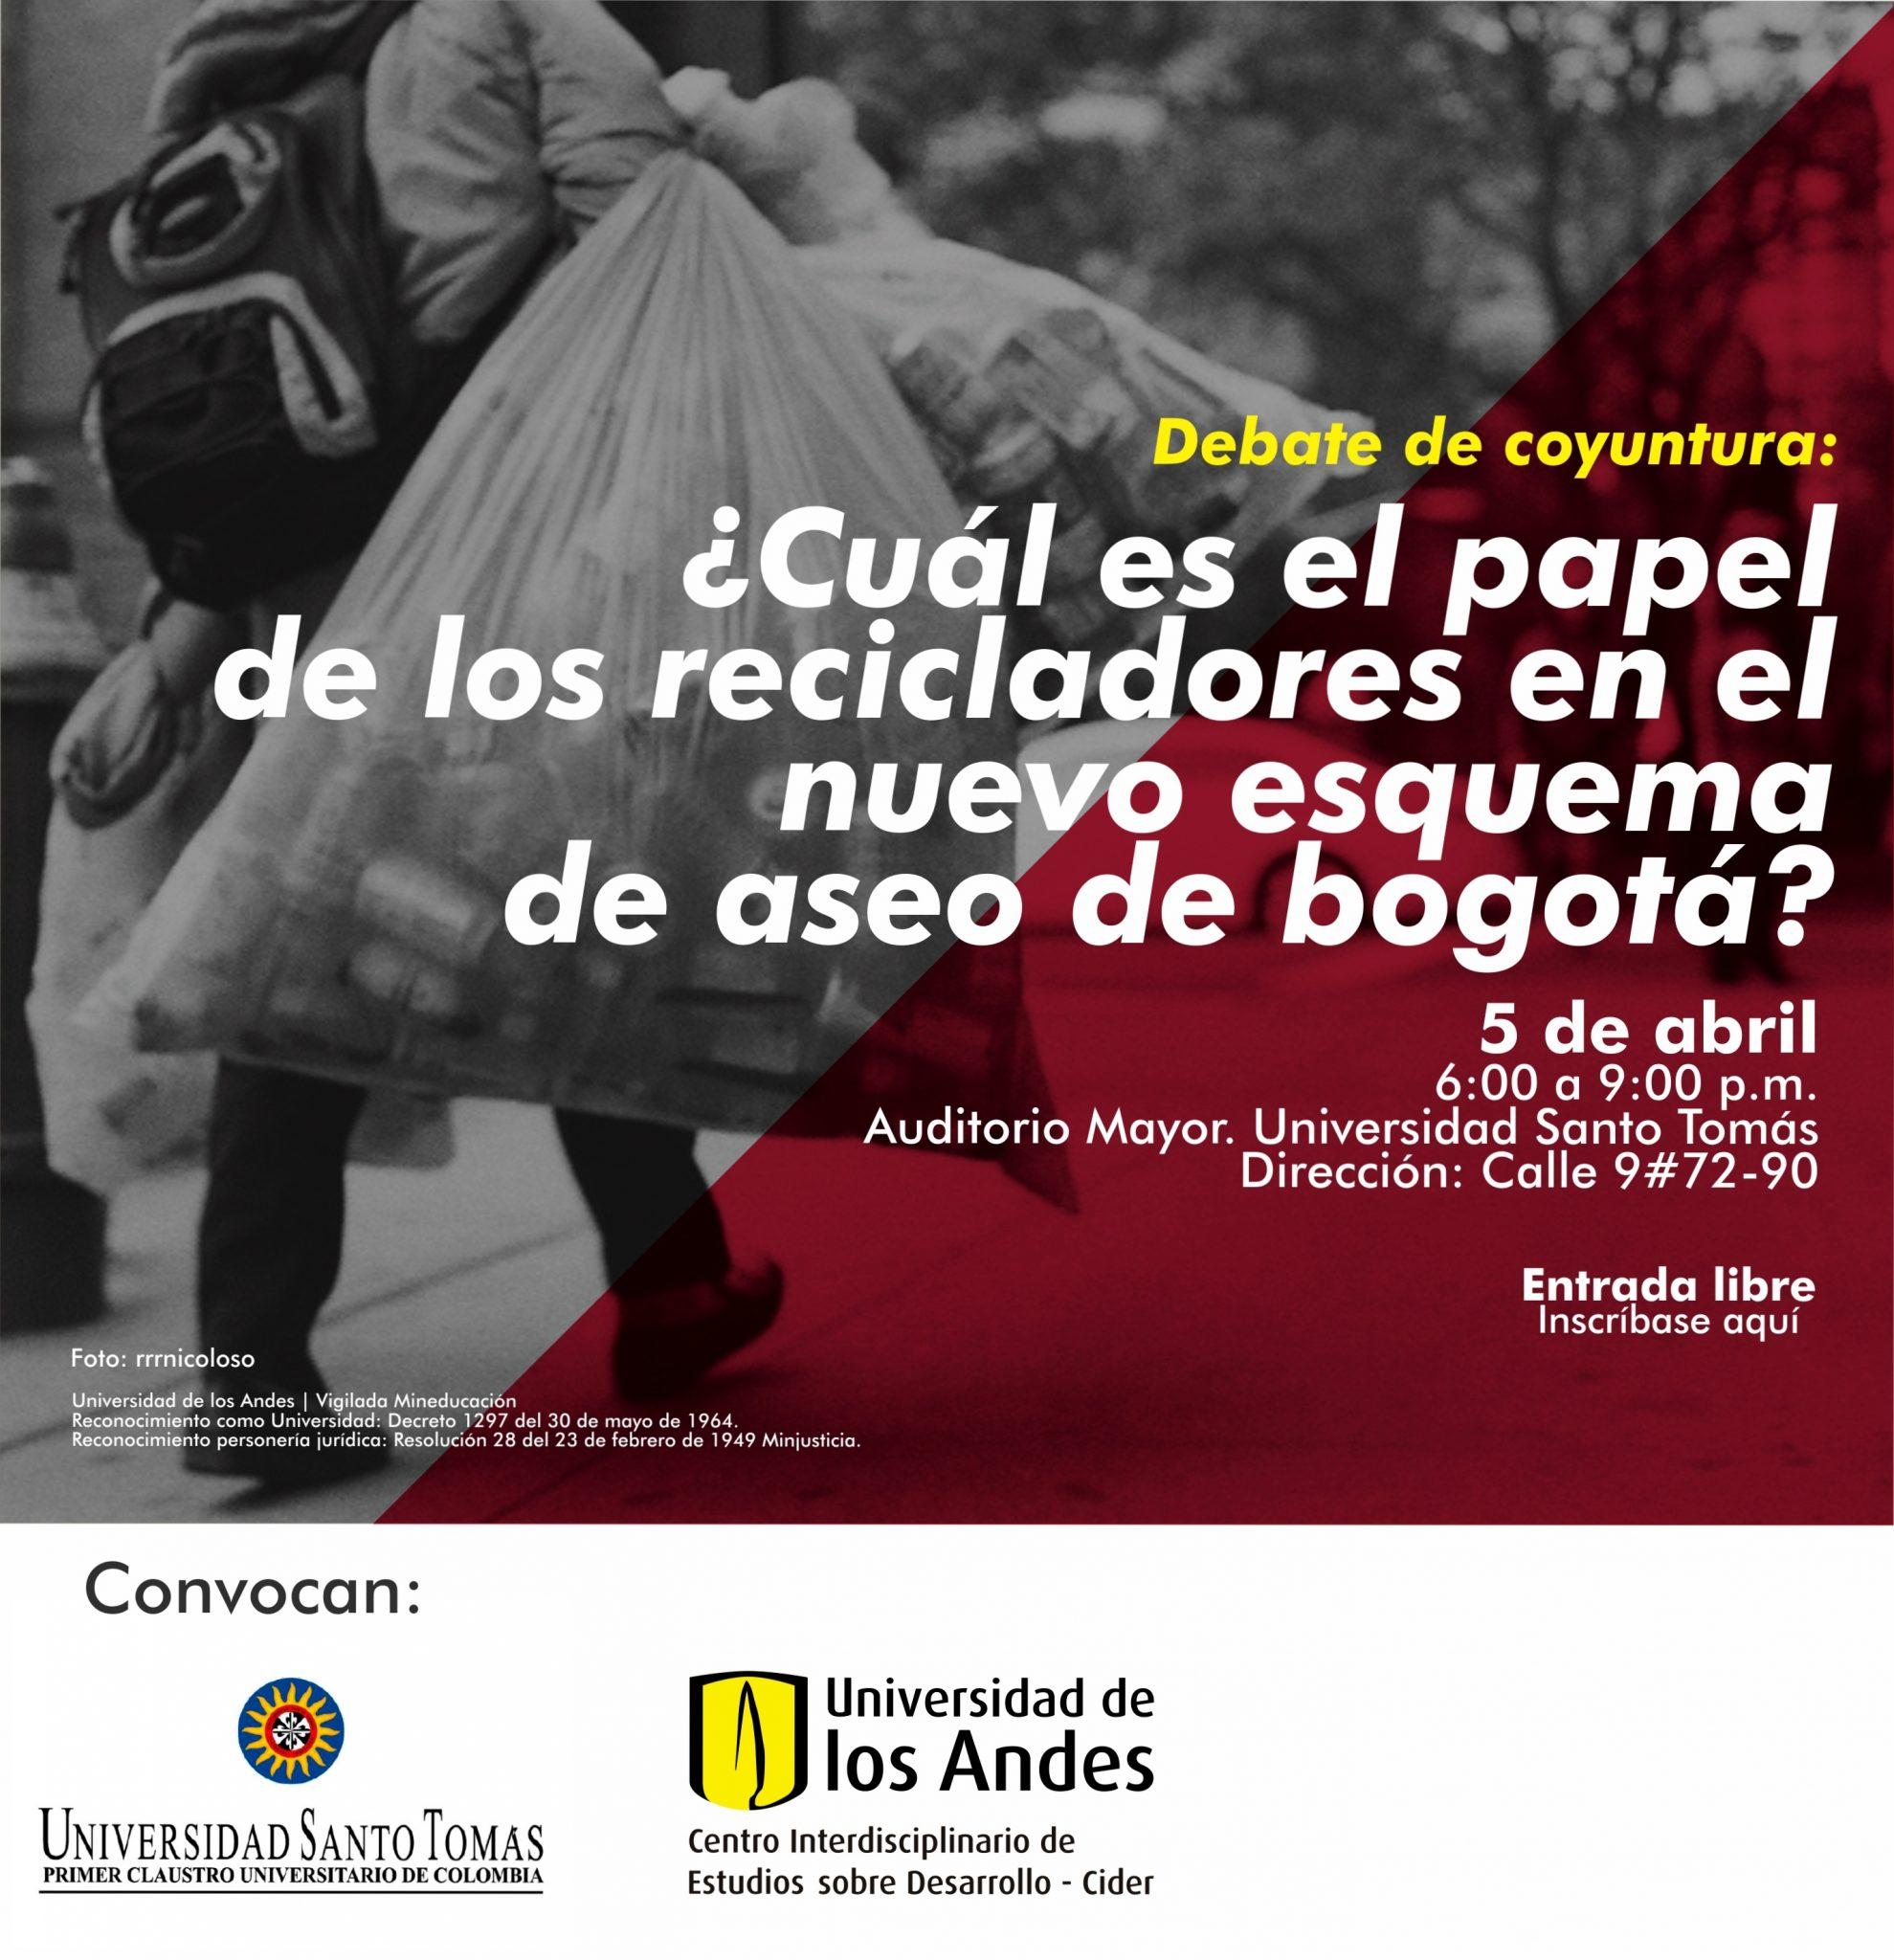 ¿Cuál es el papel de los recicladores en el nuevo esquema de aseo de Bogotá?